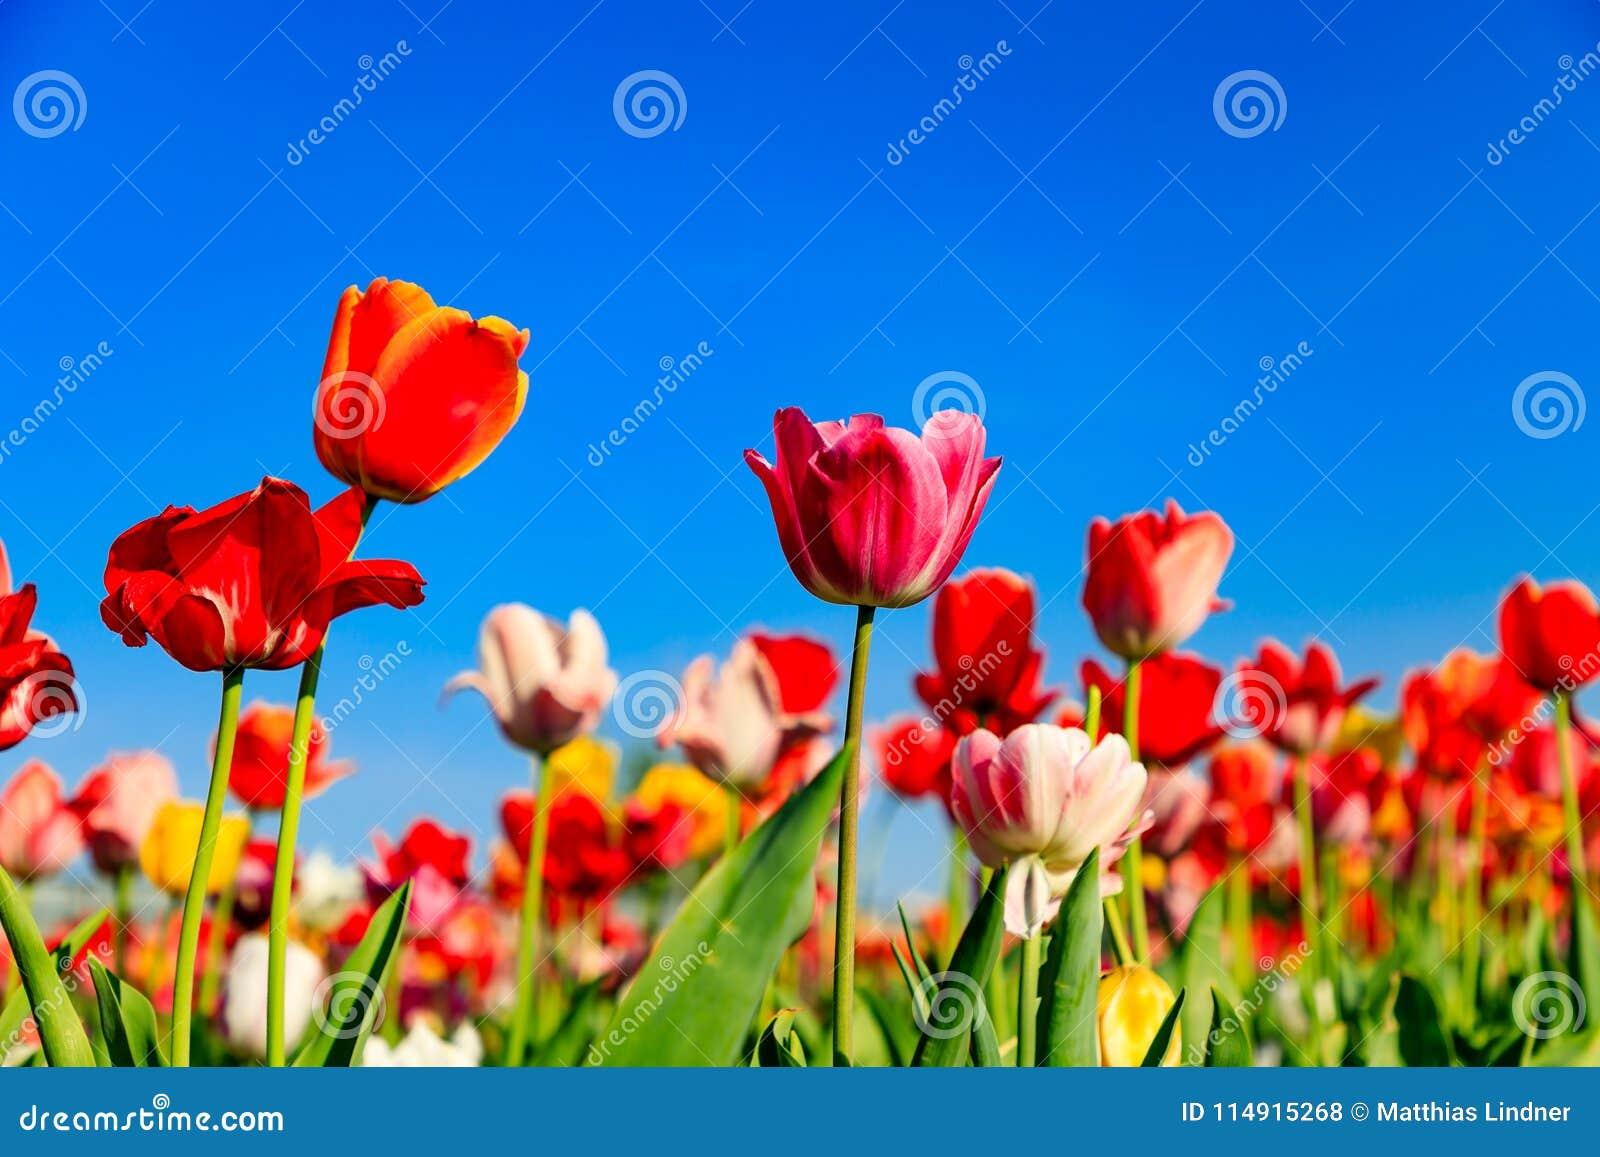 Tulipes rouges sur un champ avec le ciel bleu et le soleil